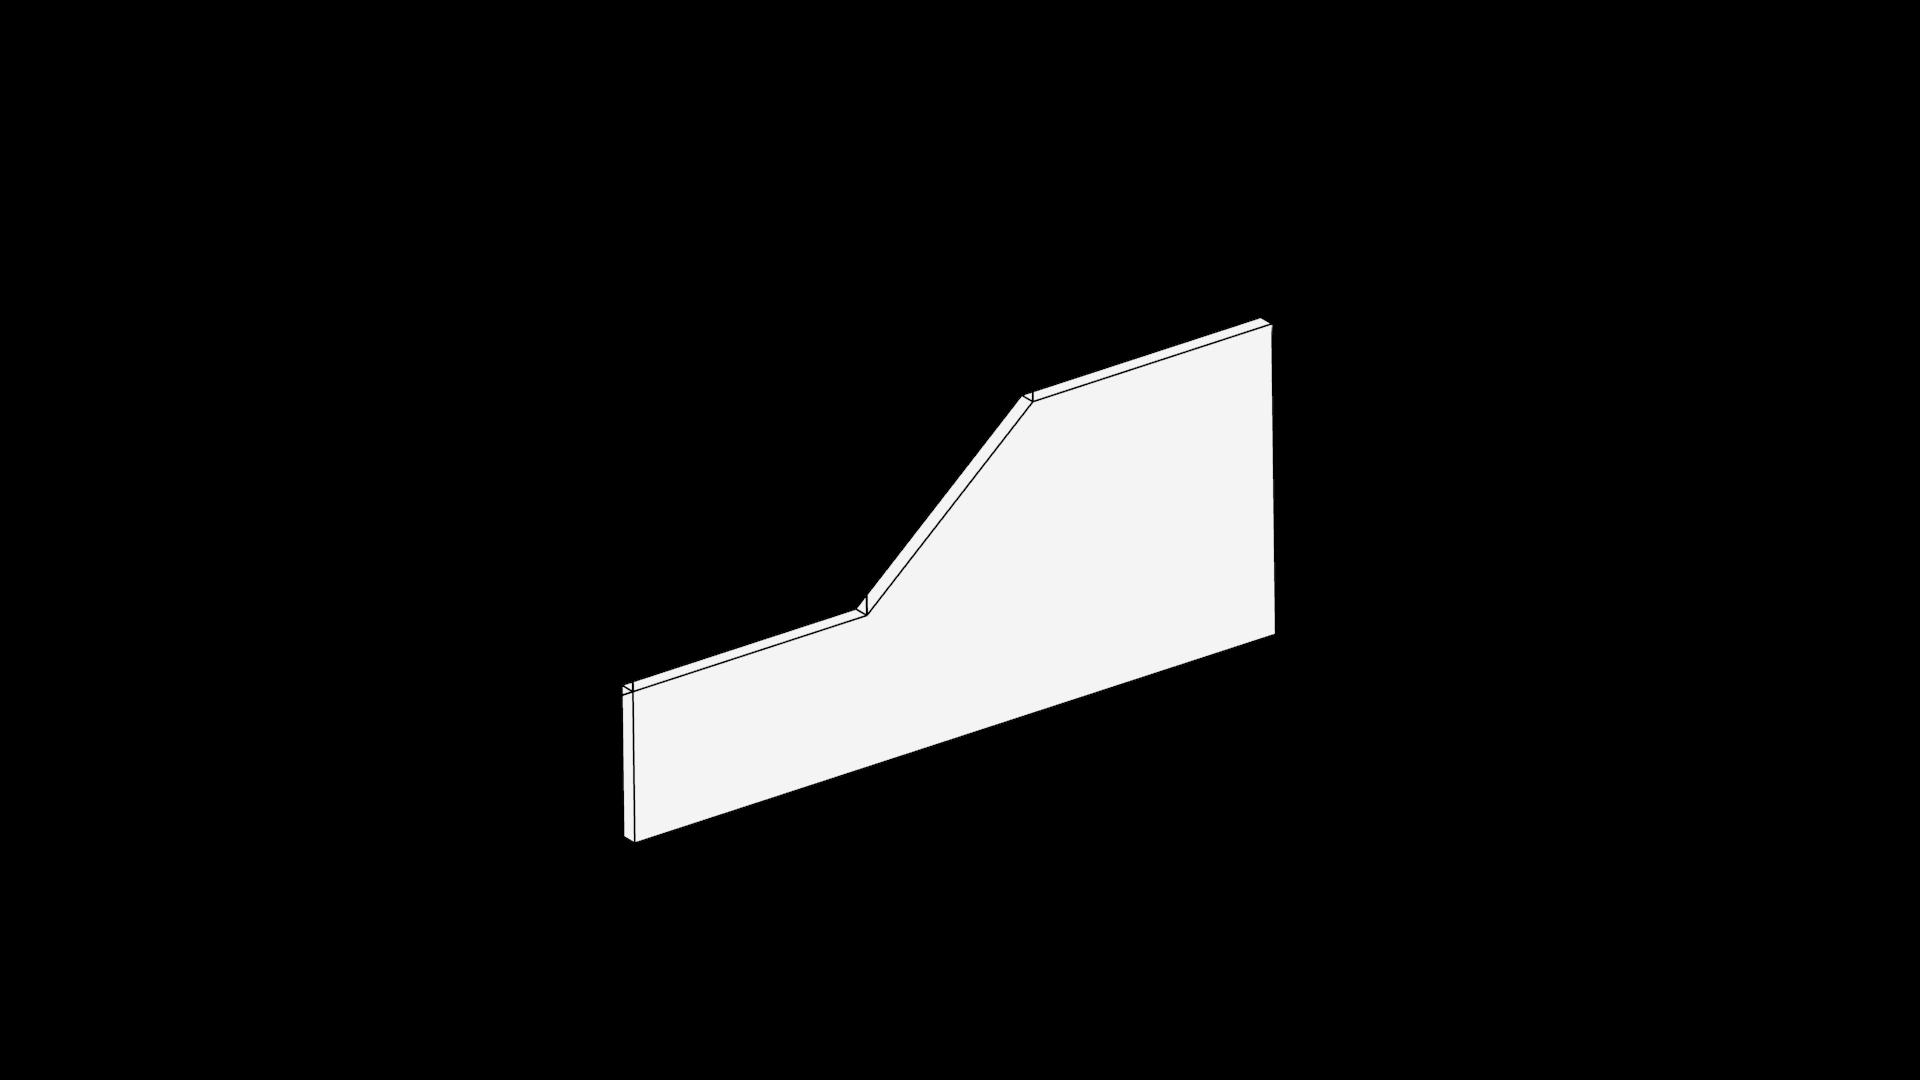 minicase/blueprints/minicase_A.png